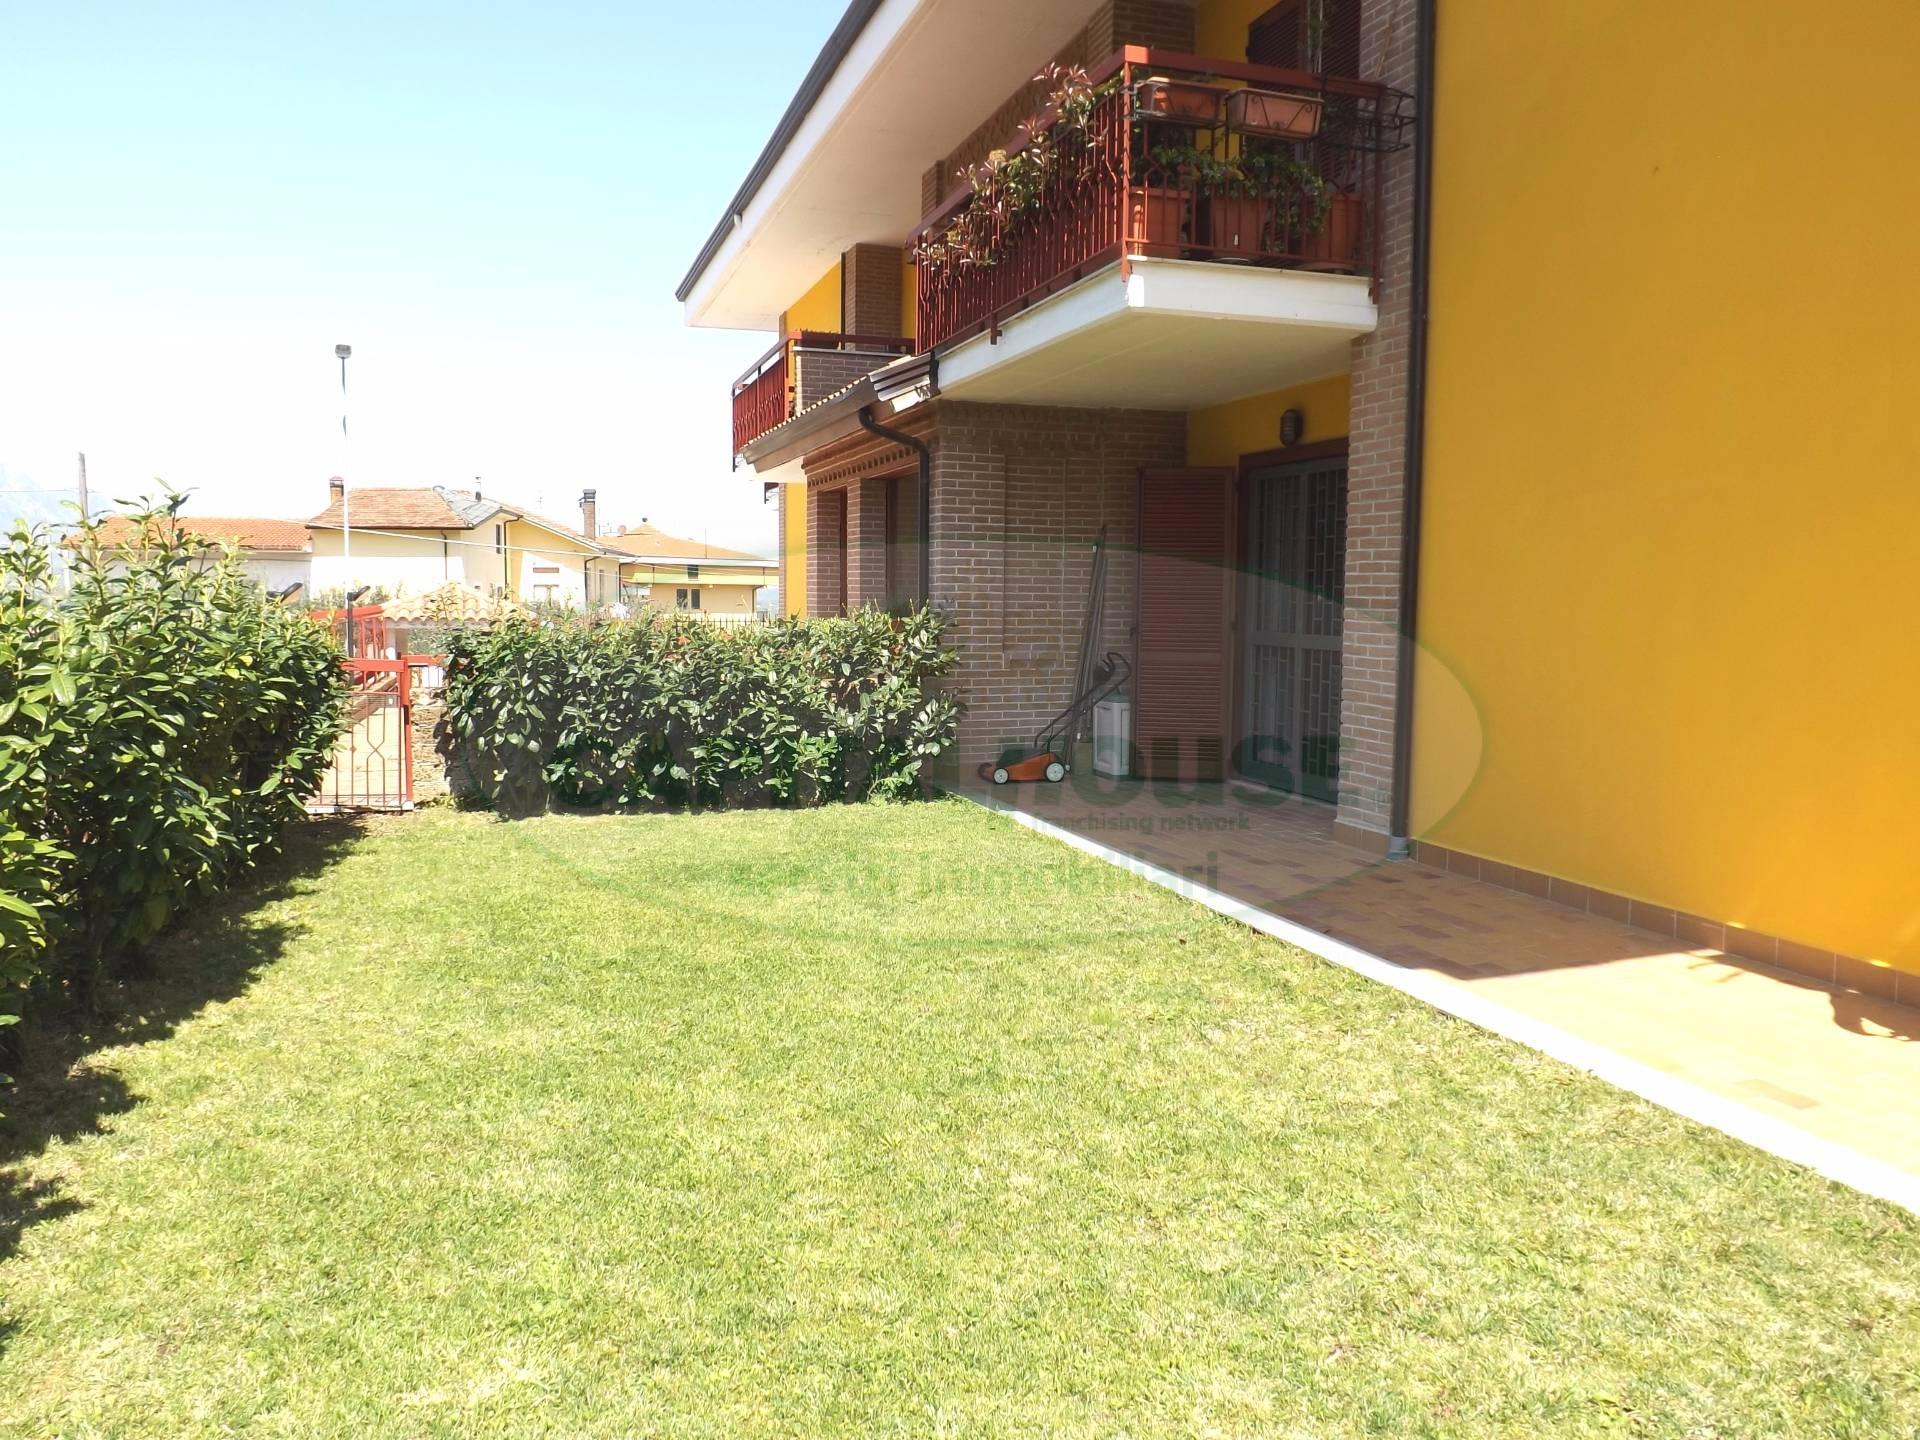 Appartamento in vendita a Aiello del Sabato, 3 locali, prezzo € 160.000 | Cambio Casa.it